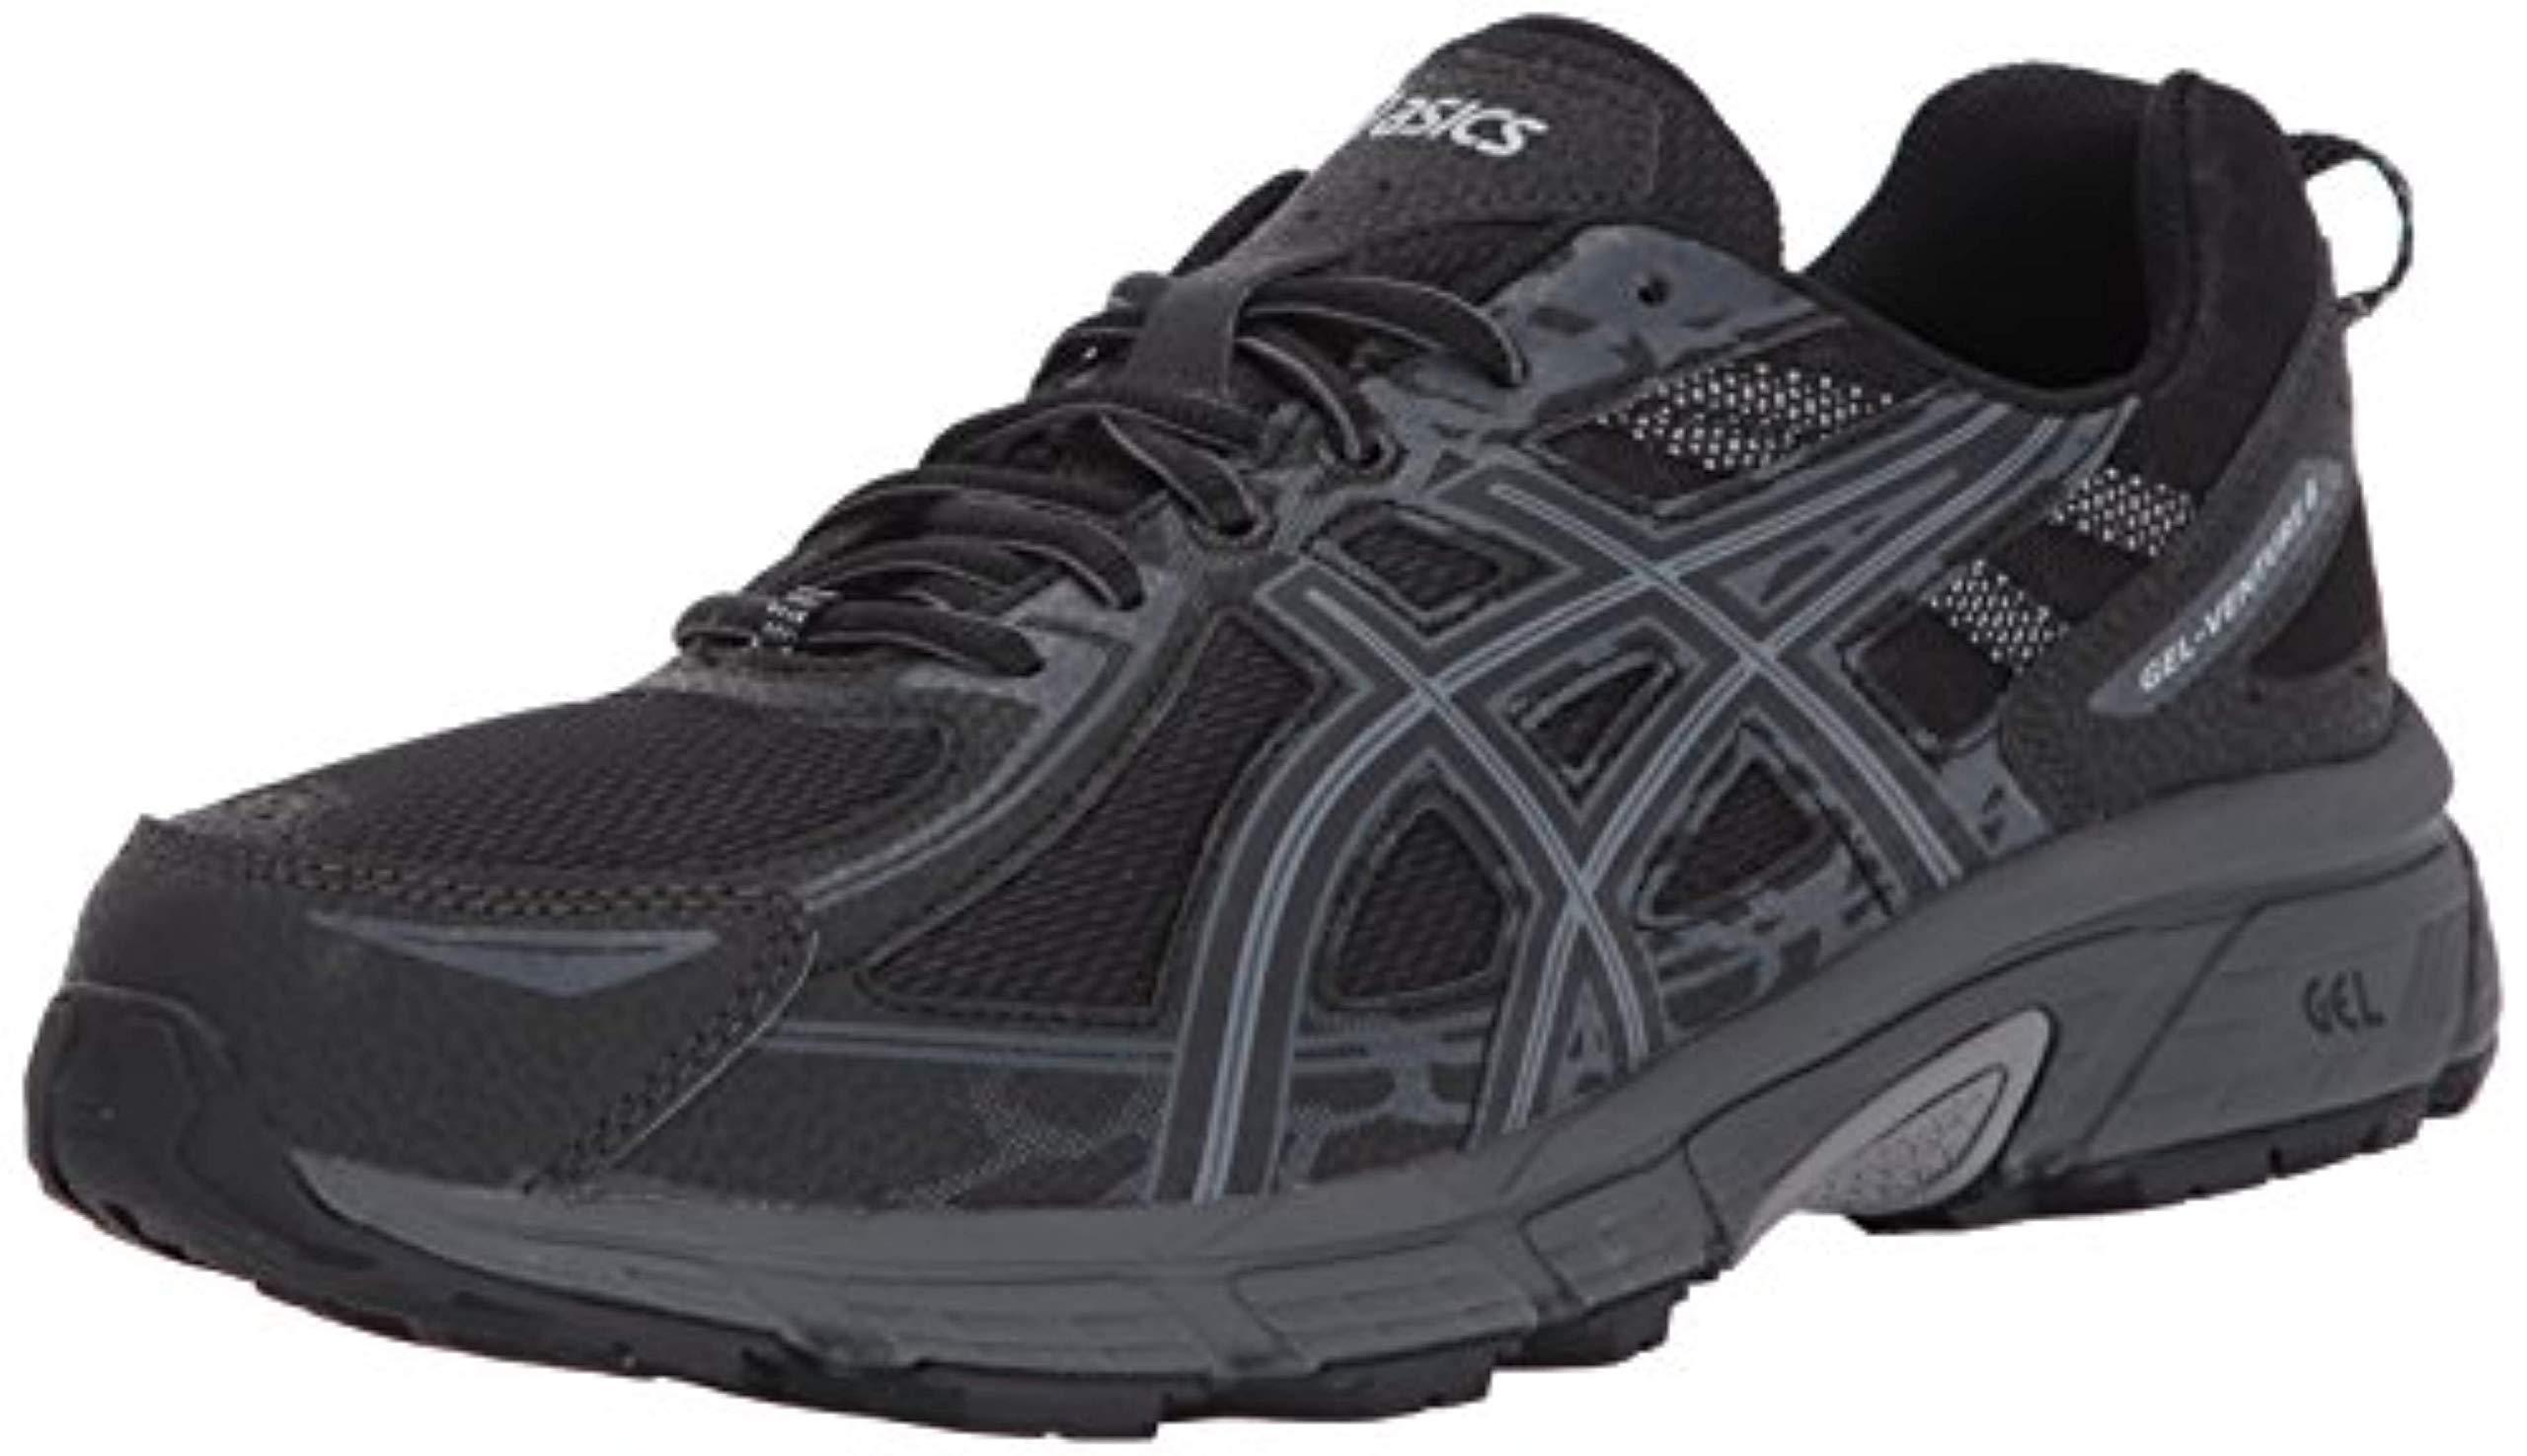 ASICS Mens Gel-Venture 6 Running Shoe, Black/Phantom/Mid Grey, 7